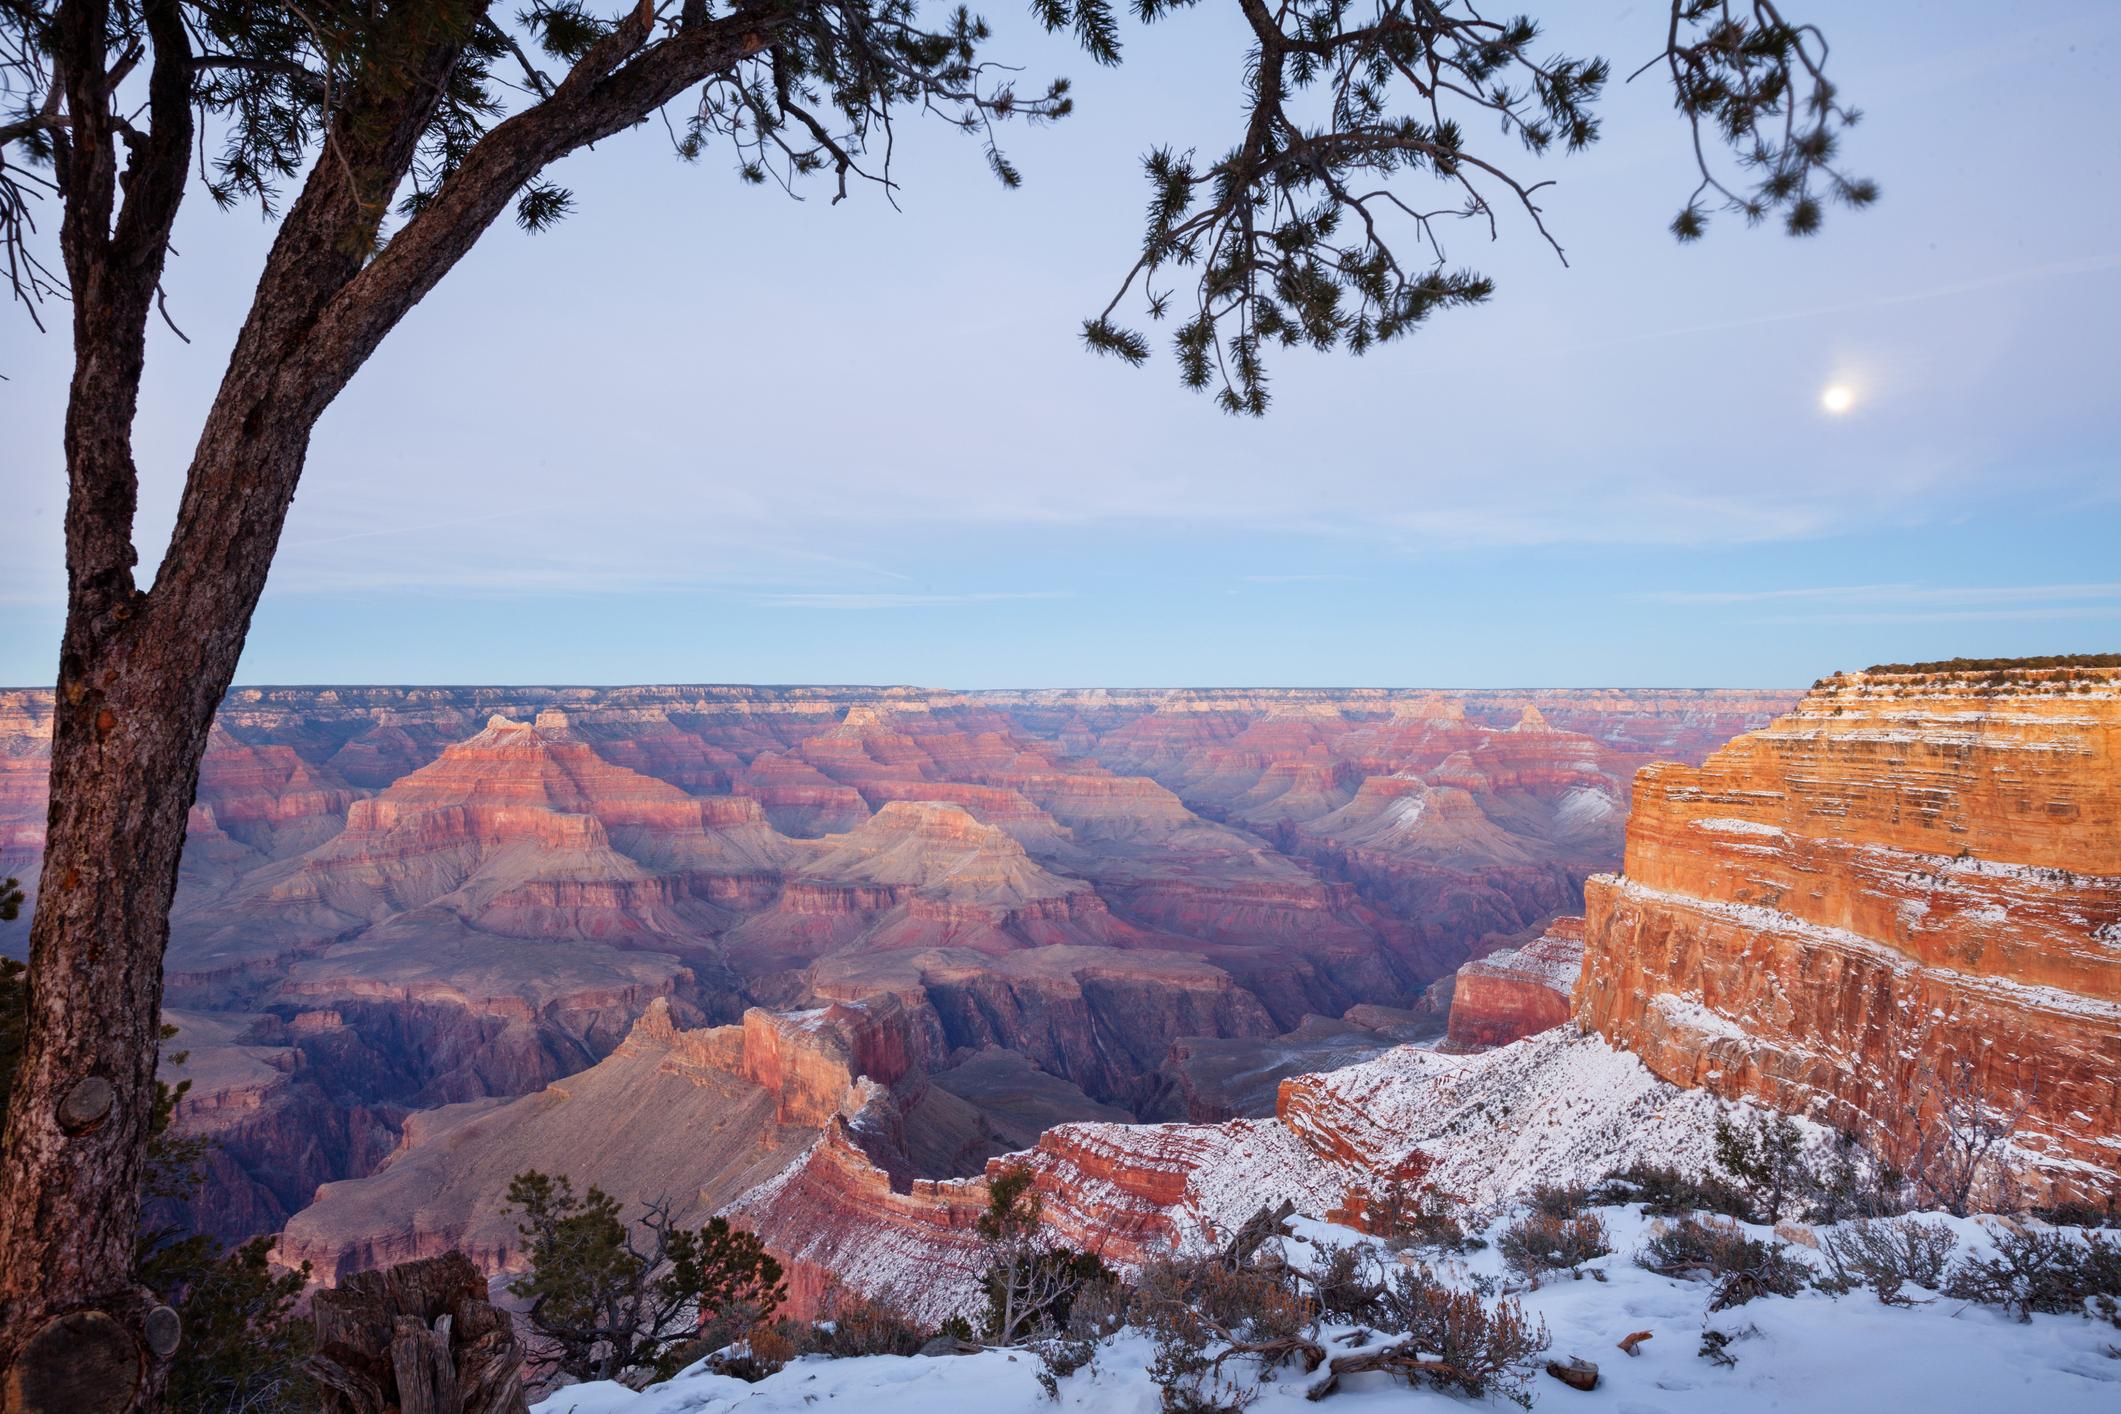 Grand Canyon National Park Shares Photo Of Visitors Walking